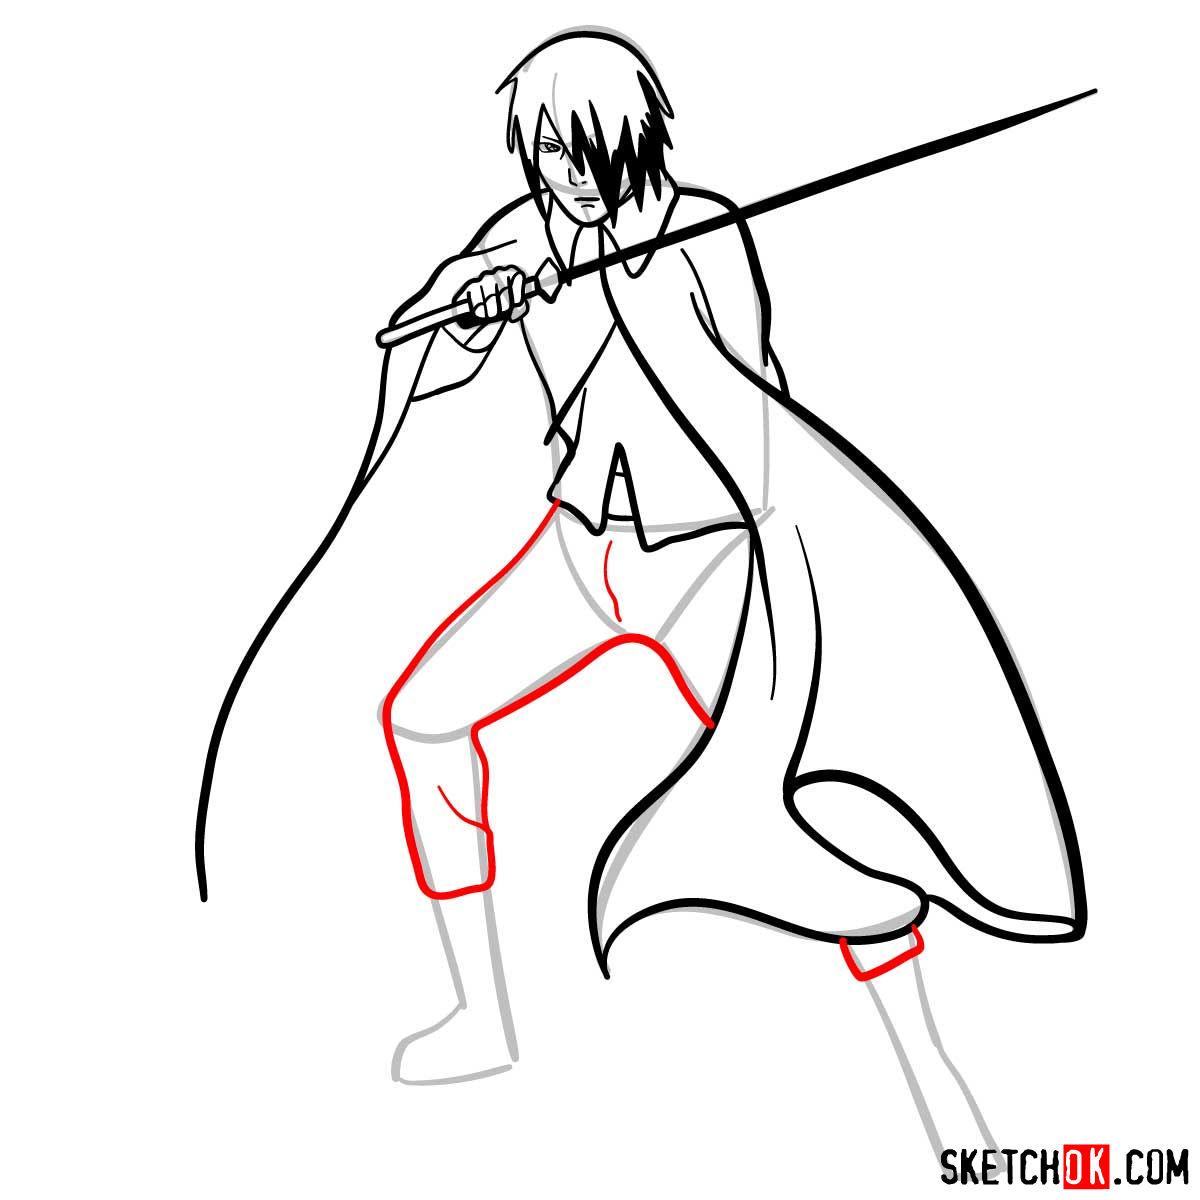 How to draw Sasuke Uchiha from Naruto anime - step 10